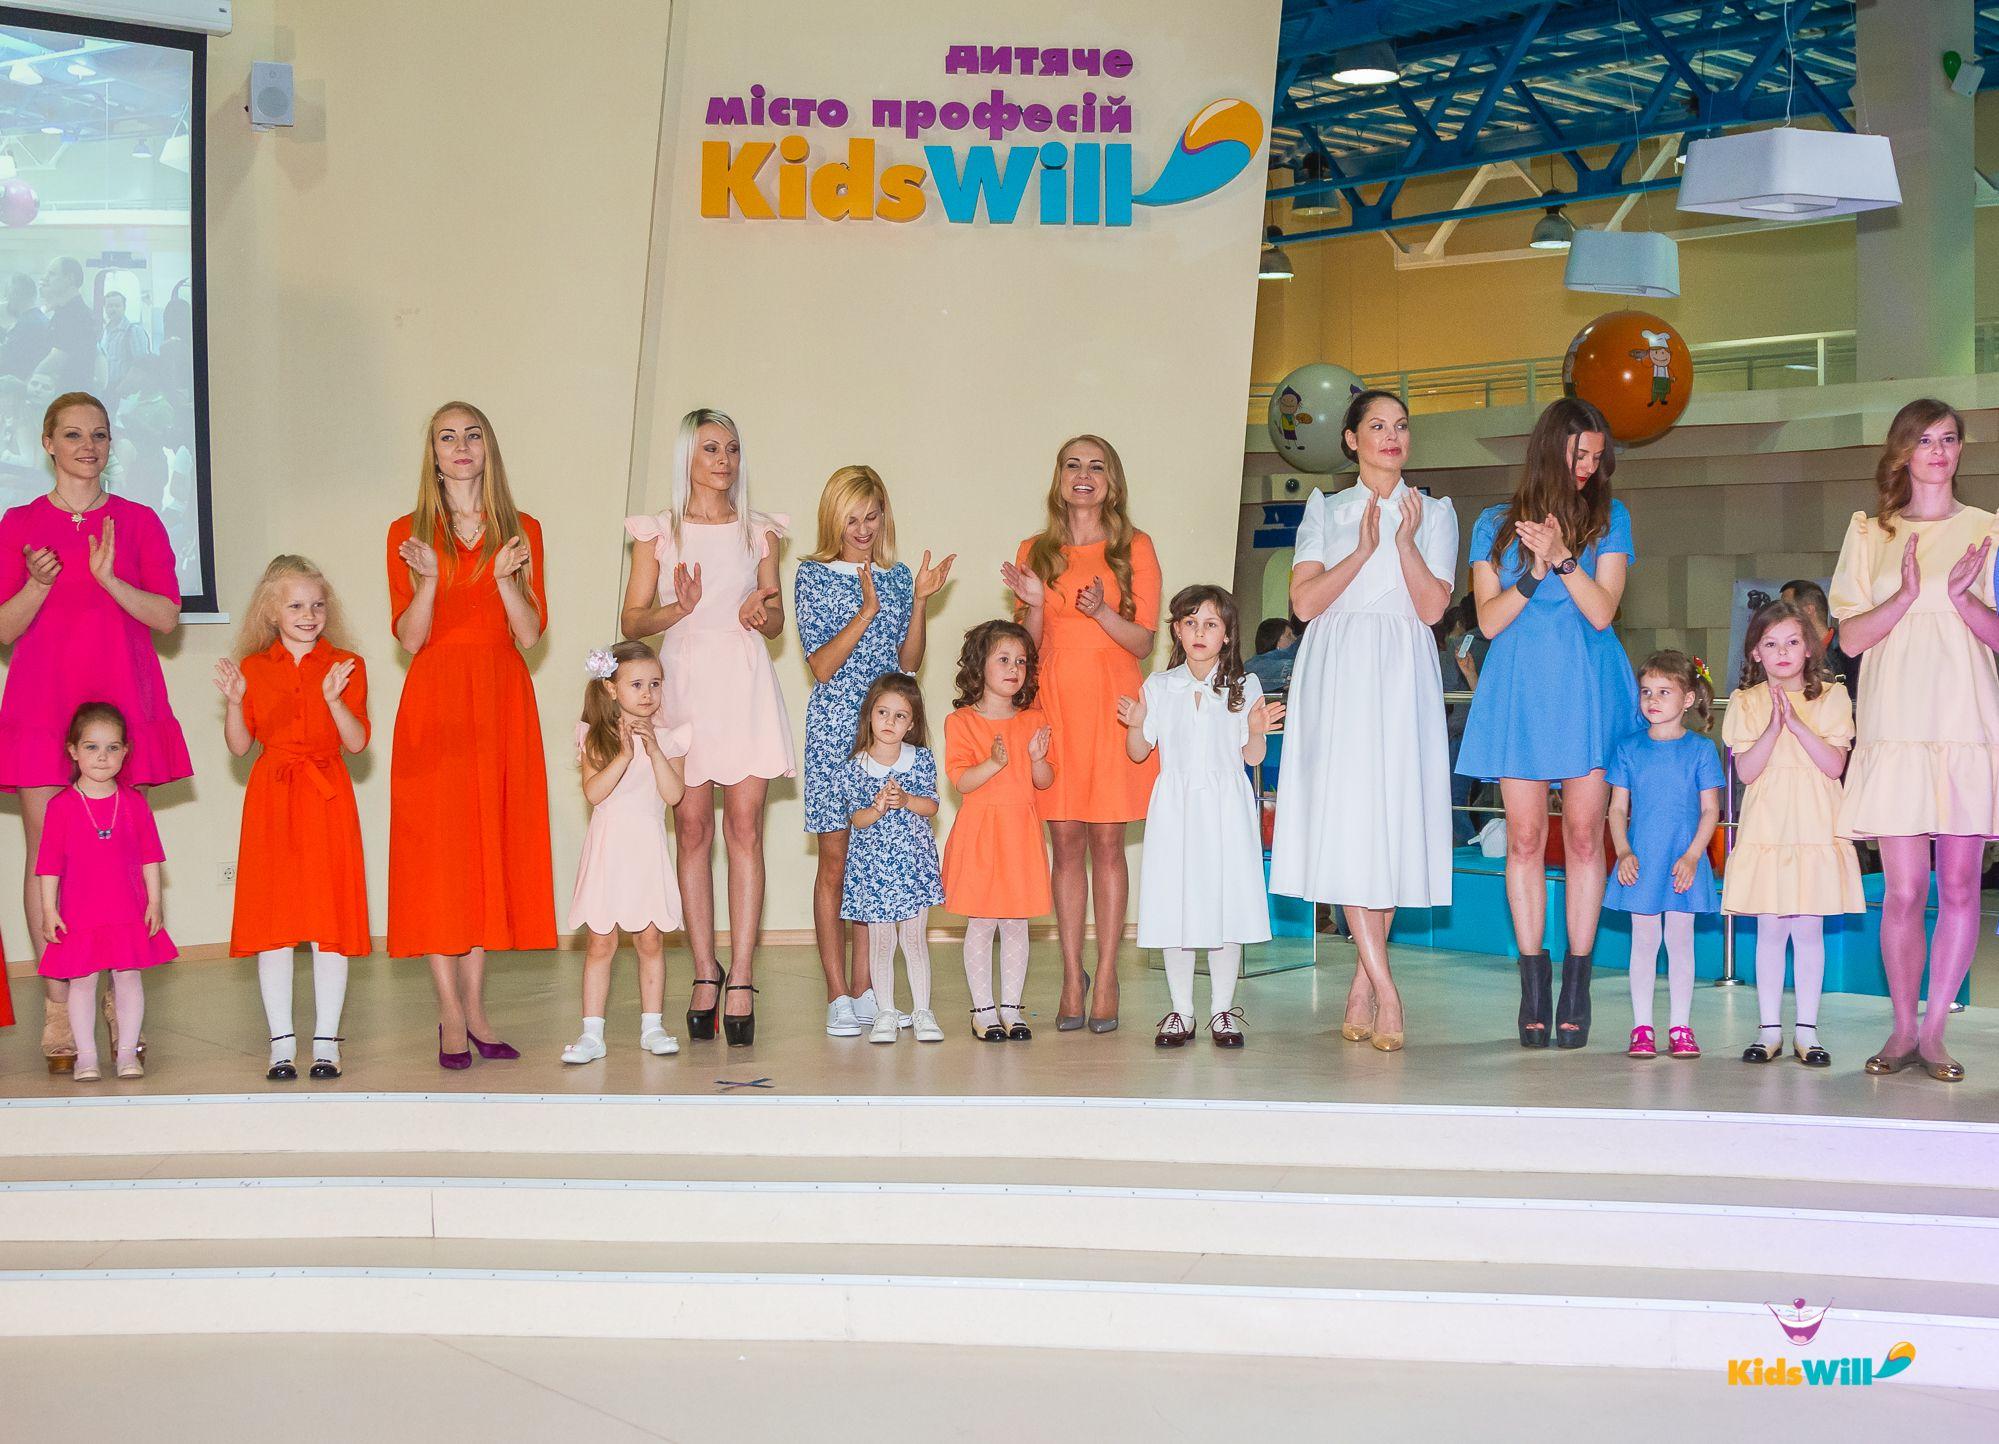 В Киеве прошел праздник семейных ценностей в KidsWill